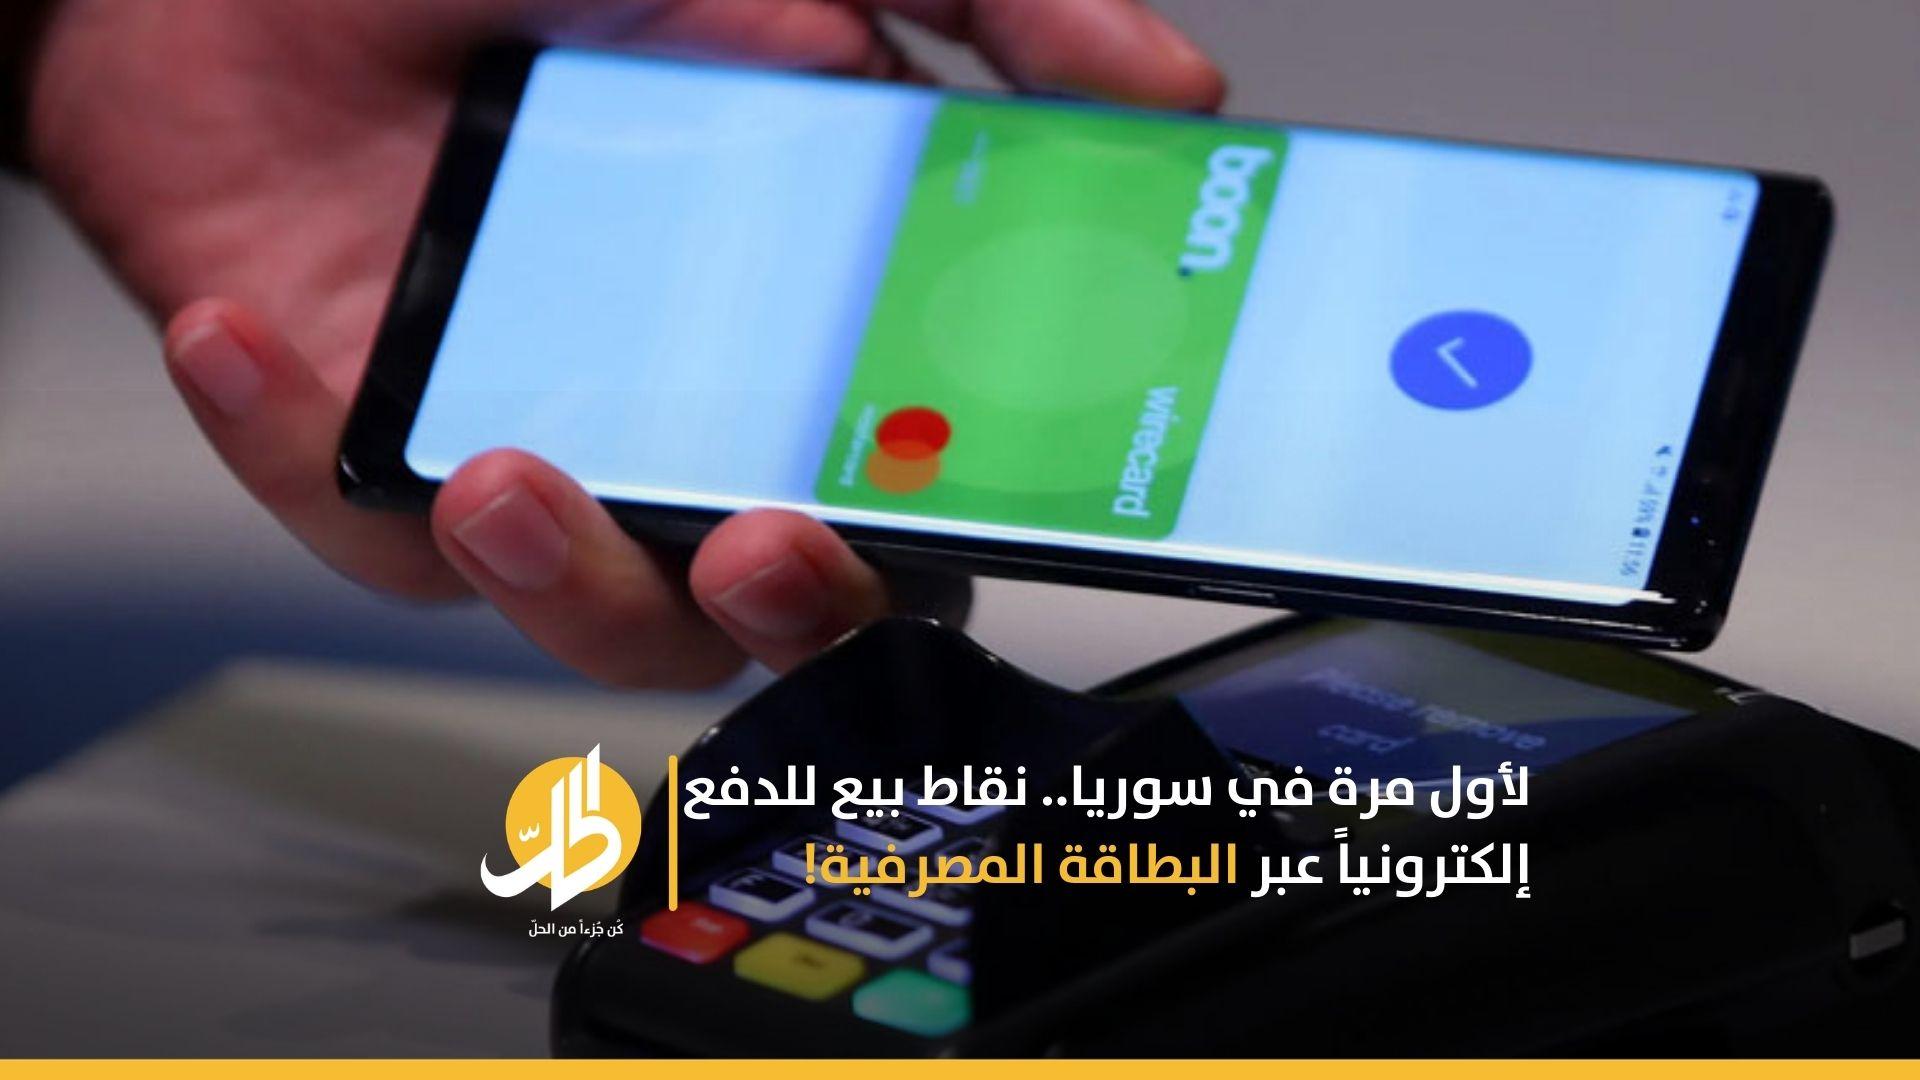 لأول مرة في سوريا.. نقاط بيع للدفع إلكترونياً عبر البطاقة المصرفية!